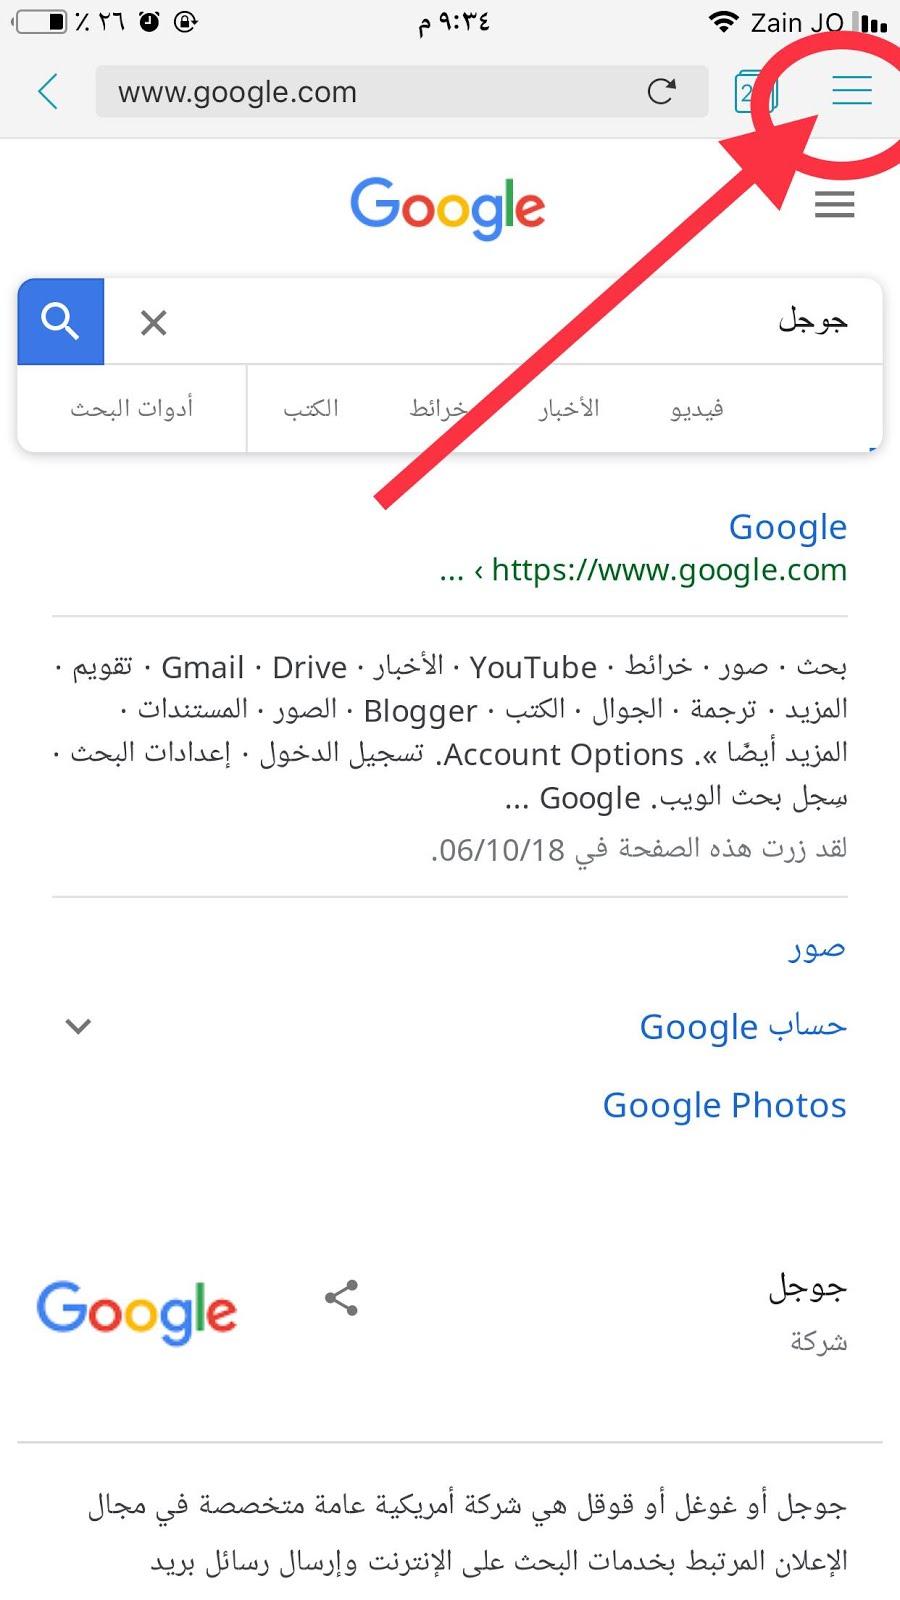 كيف طلب موقع سطح المكتب من الهاتف من متصفح جوجل كروم وSafari سفاري للايفون